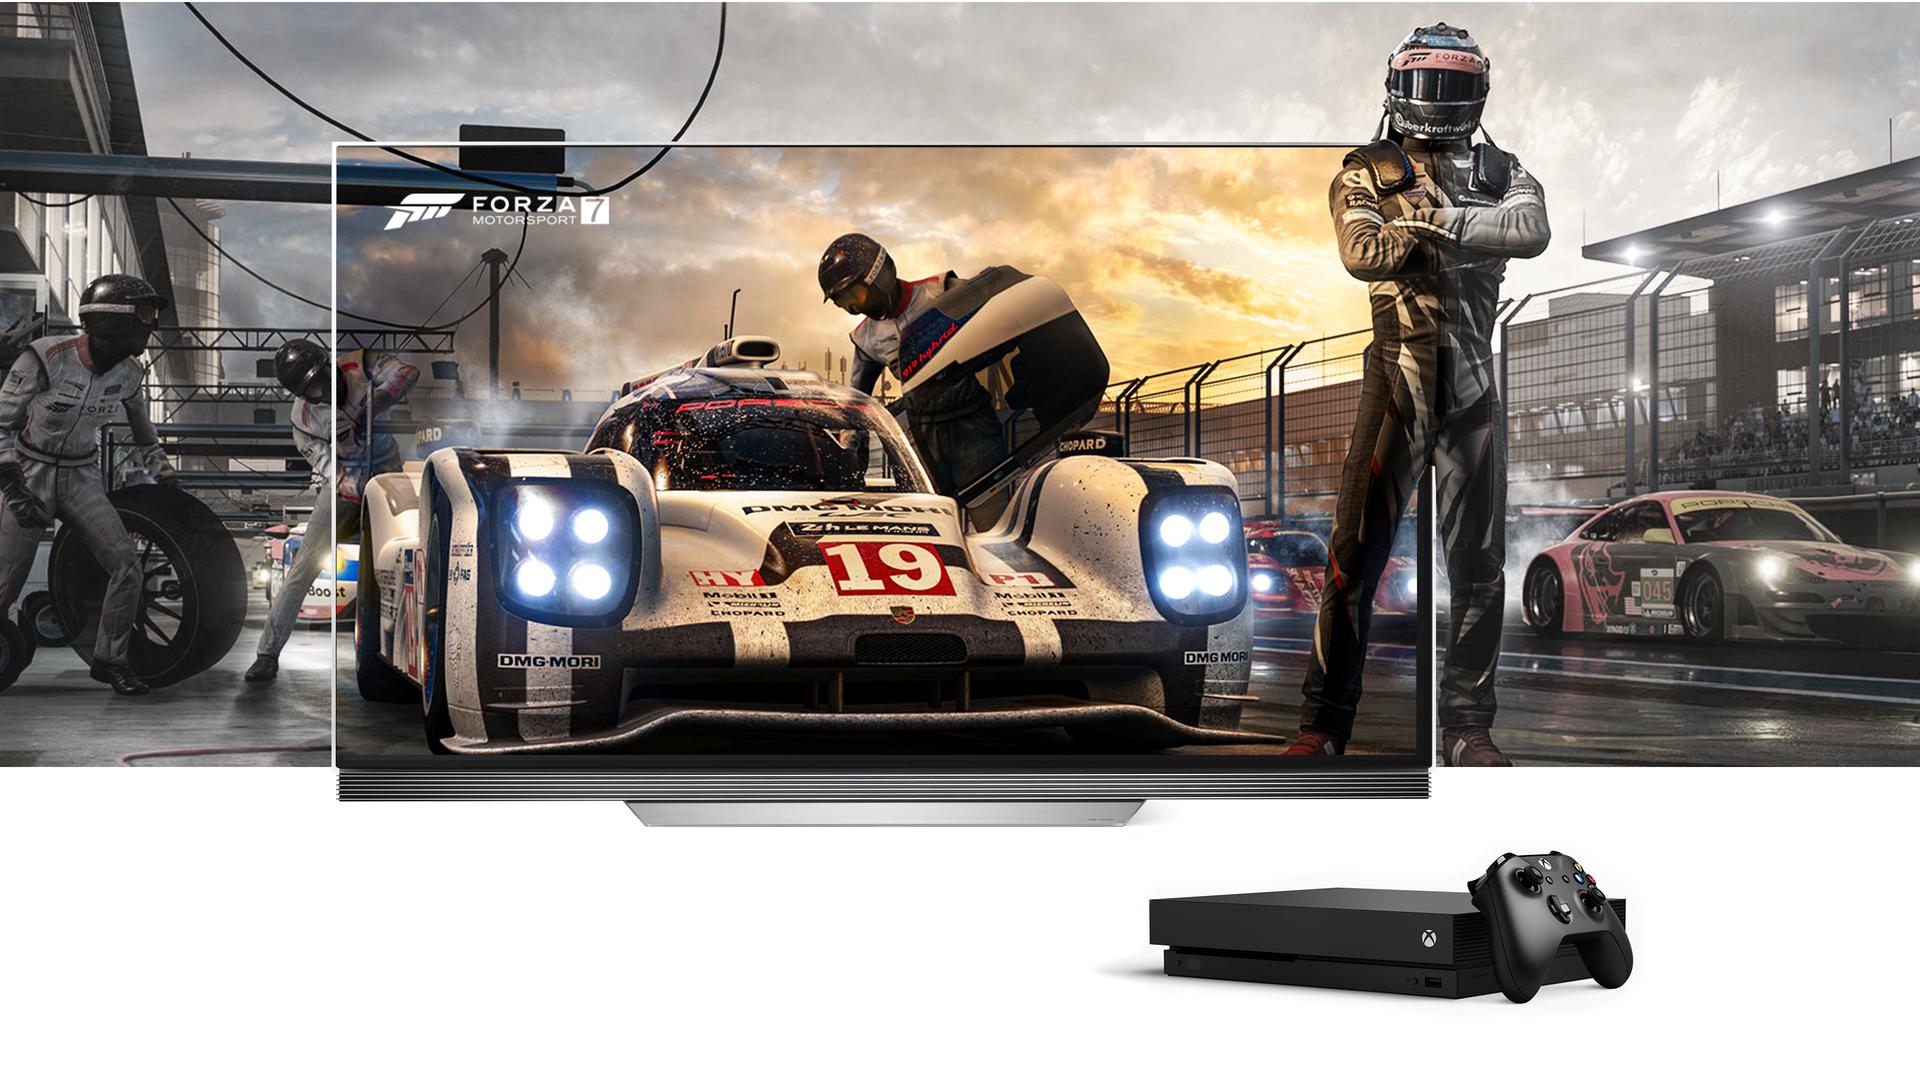 LG OLED TV i konsola Xbox One X - najsilniejszy duet gamingowy prezentem dla całej rodziny